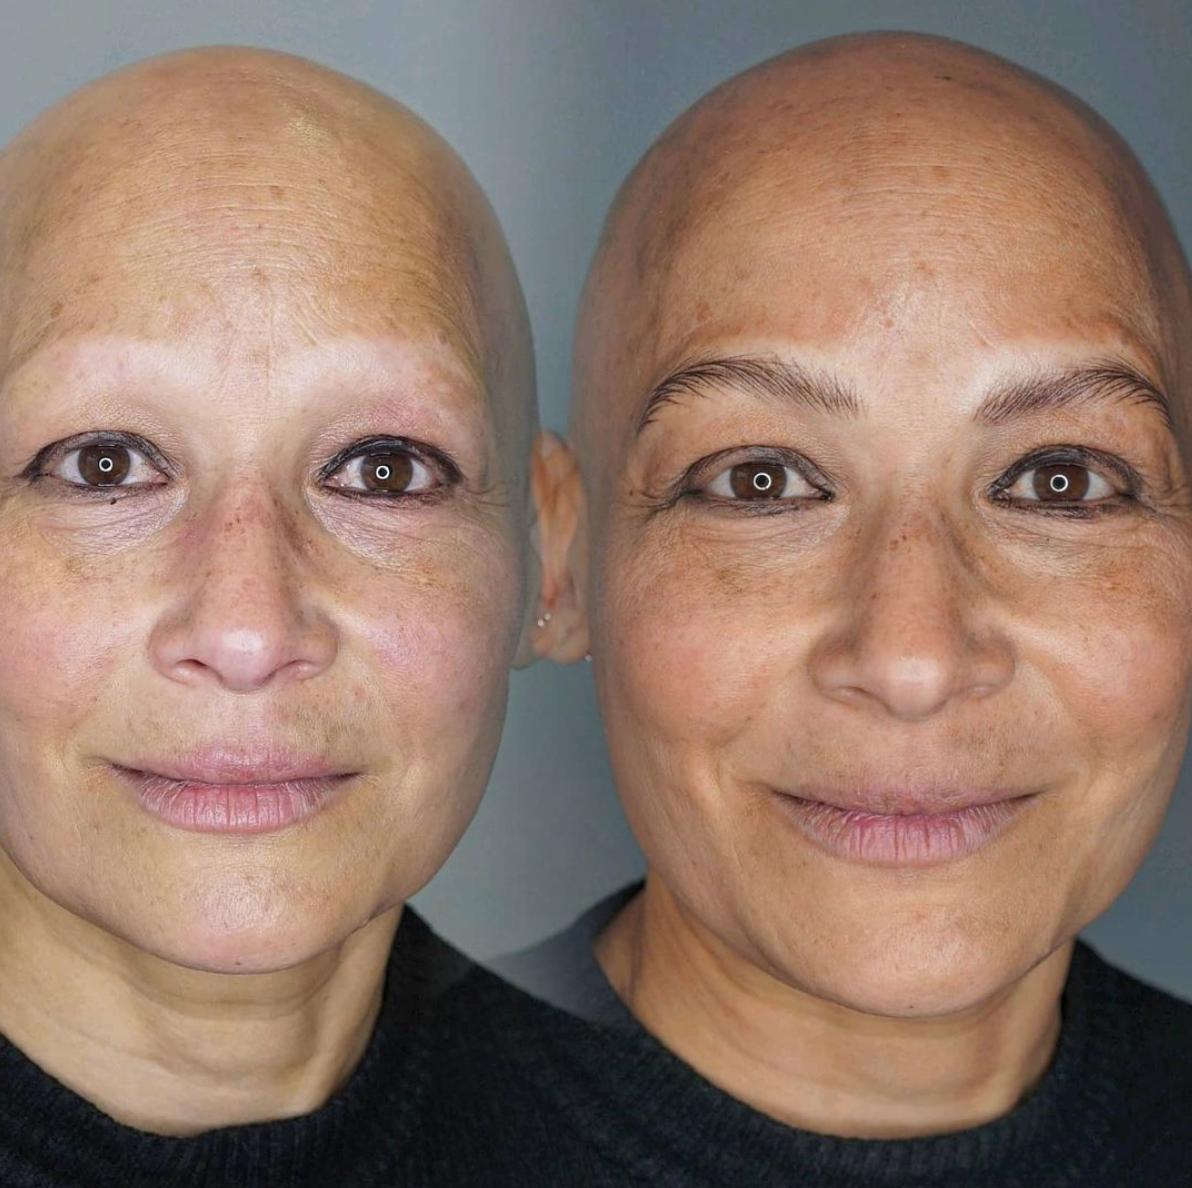 Alopecia Eyebrows